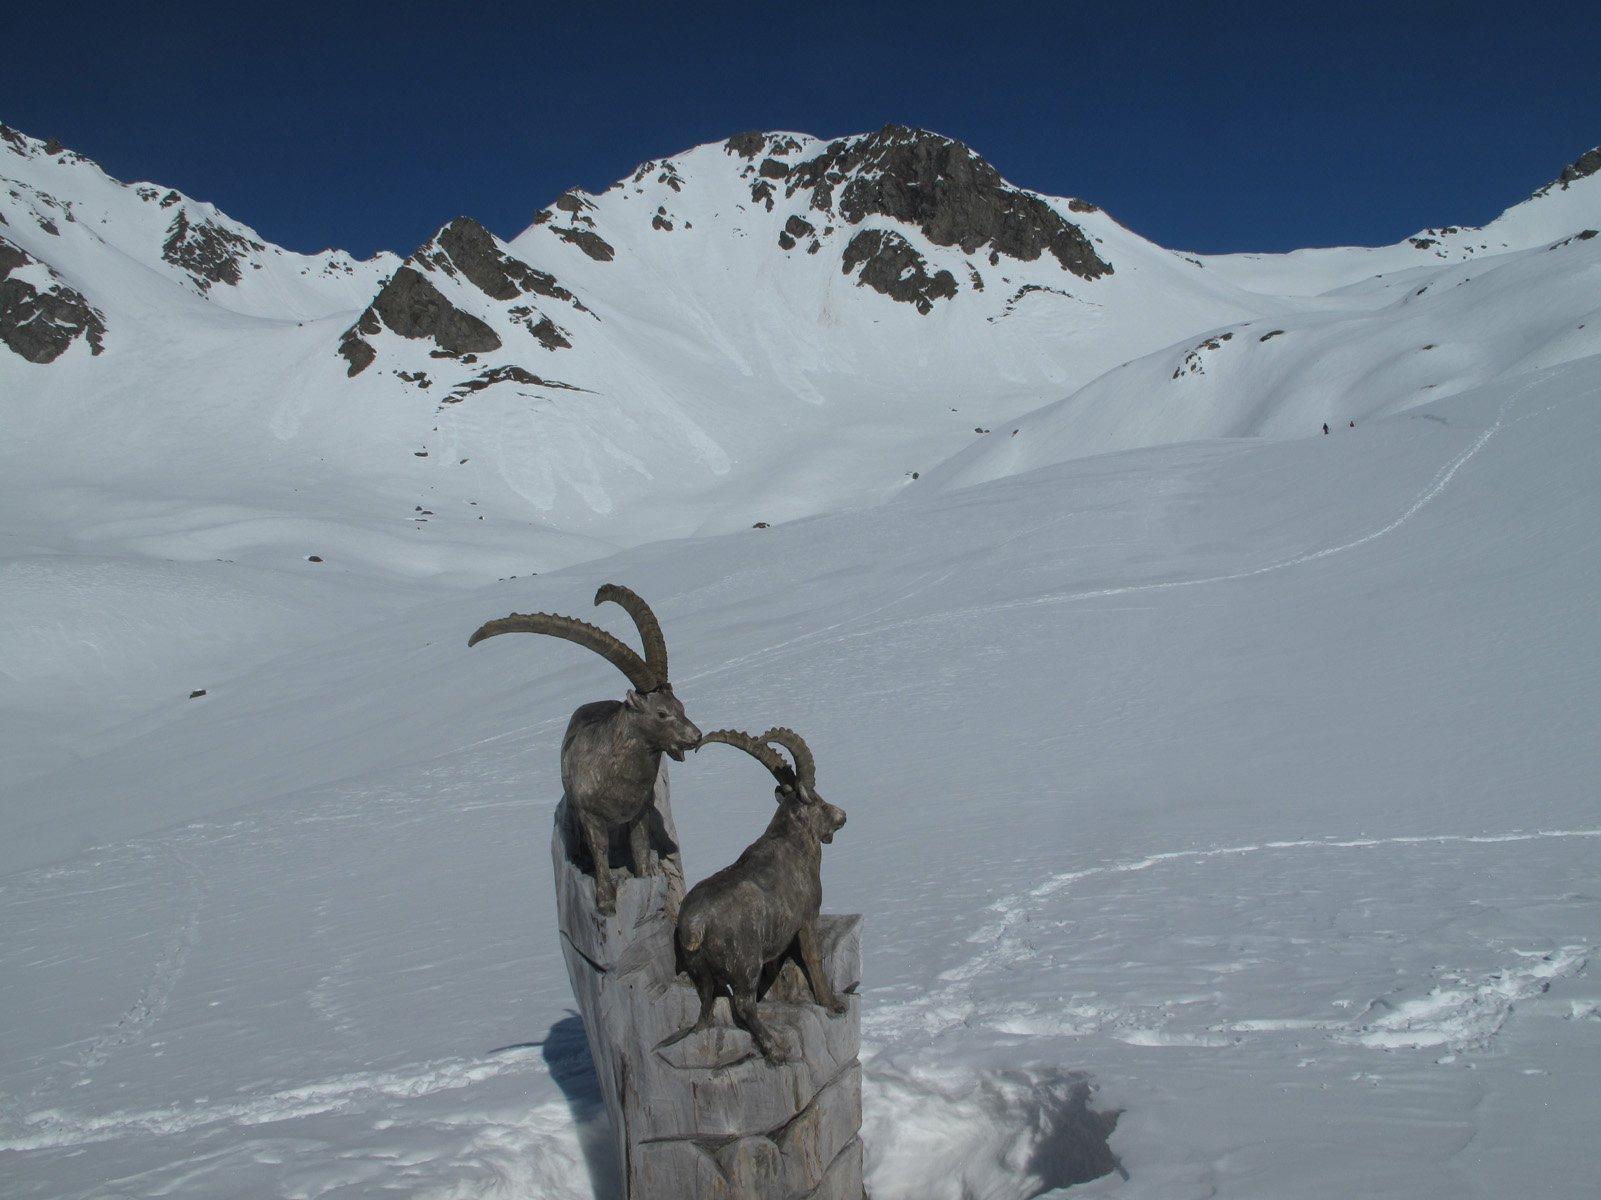 La cima ed il colle Finestra visti dai pressi del rifugio Fallere